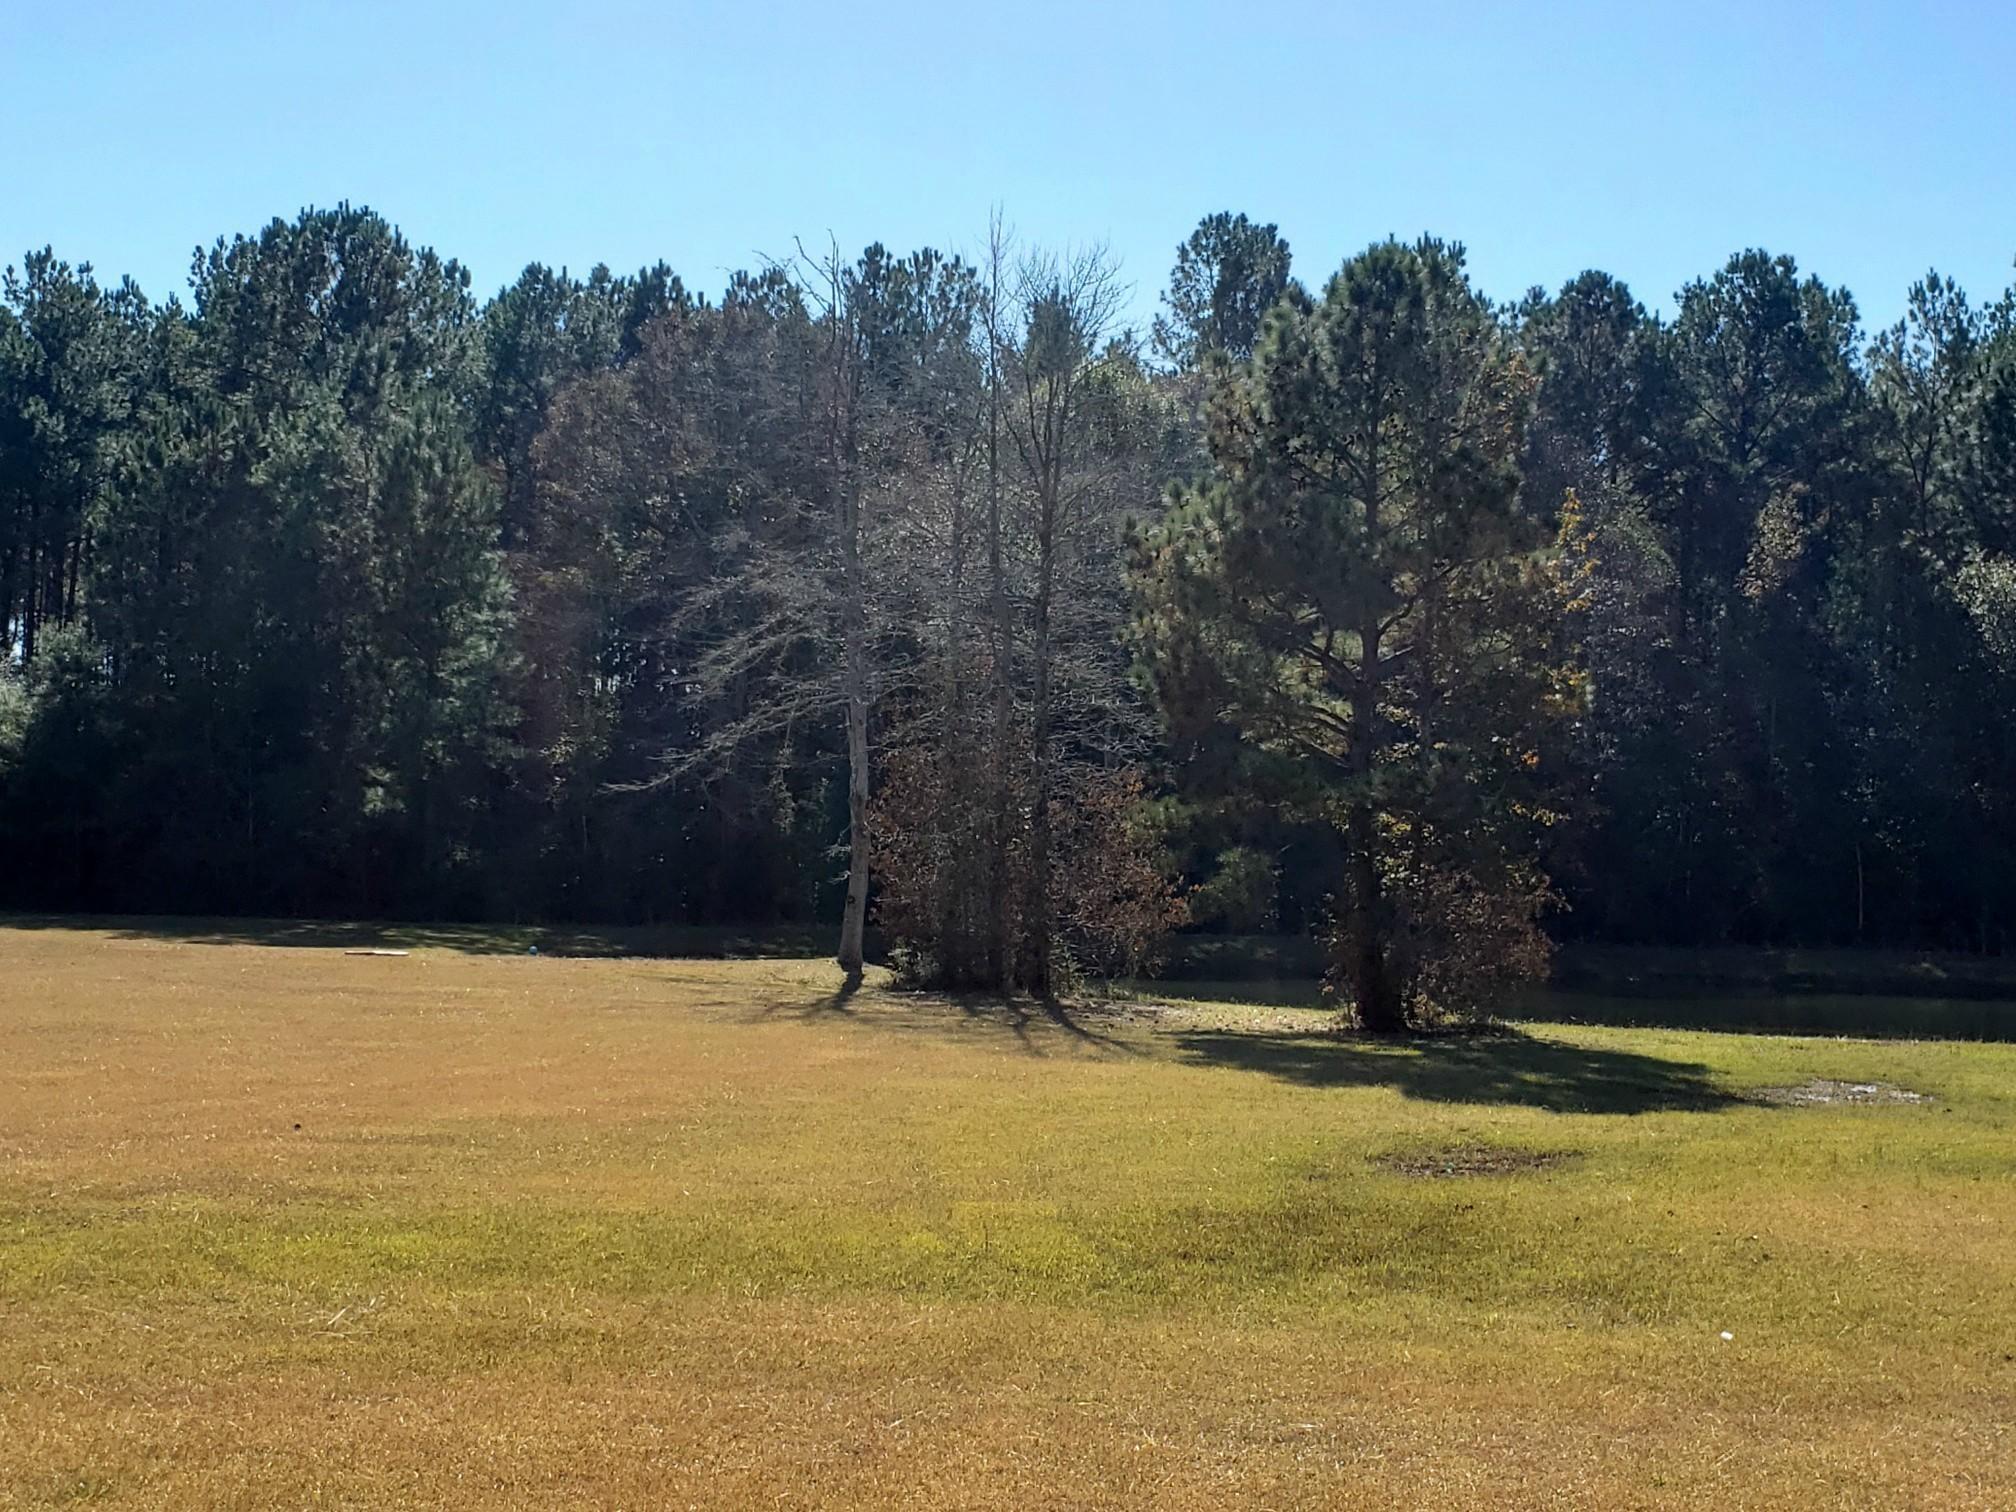 Leesville land for sale,  Eagle Point Rd. (Lot 19), Leesville LA - $24,000